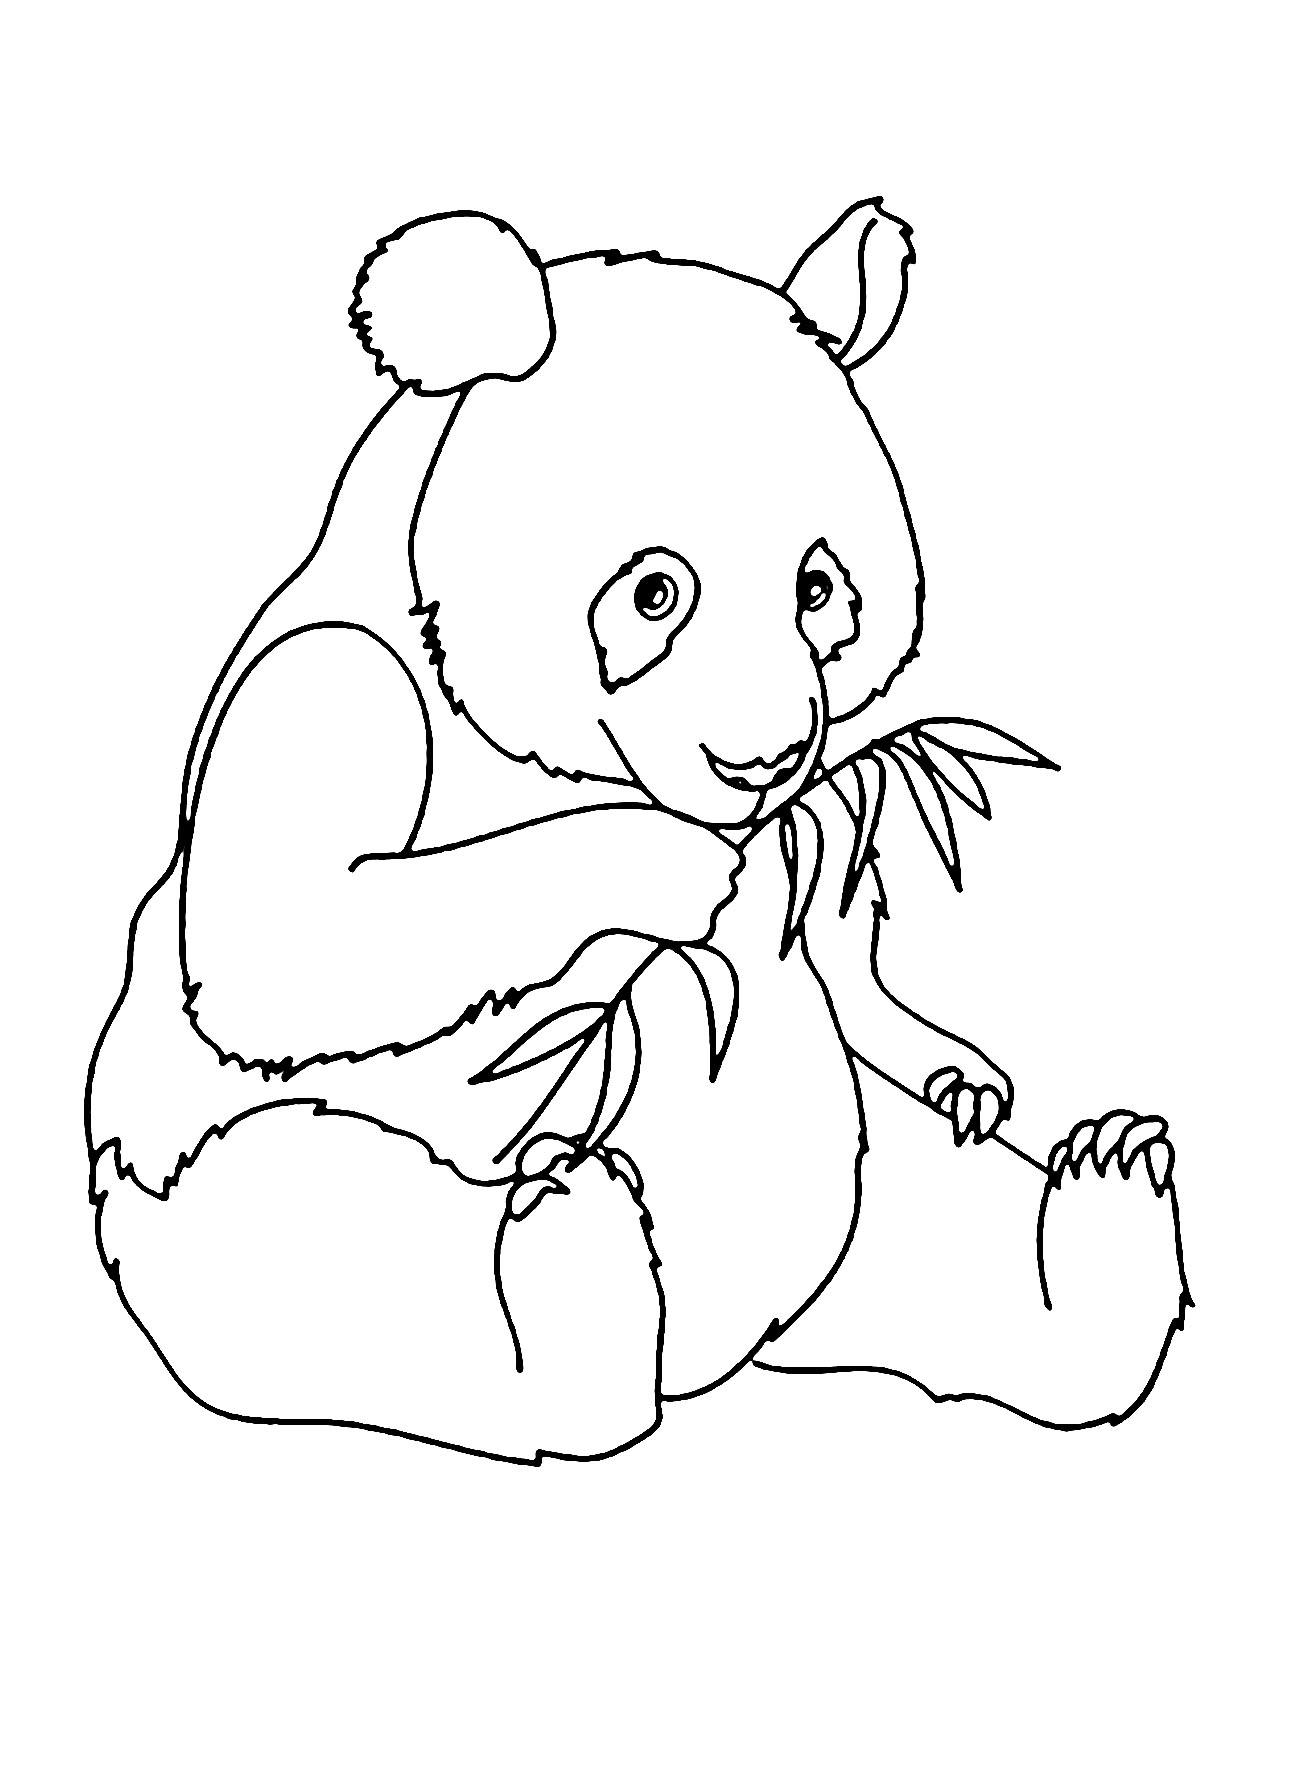 coloring panda free printable panda coloring pages for kids coloring panda